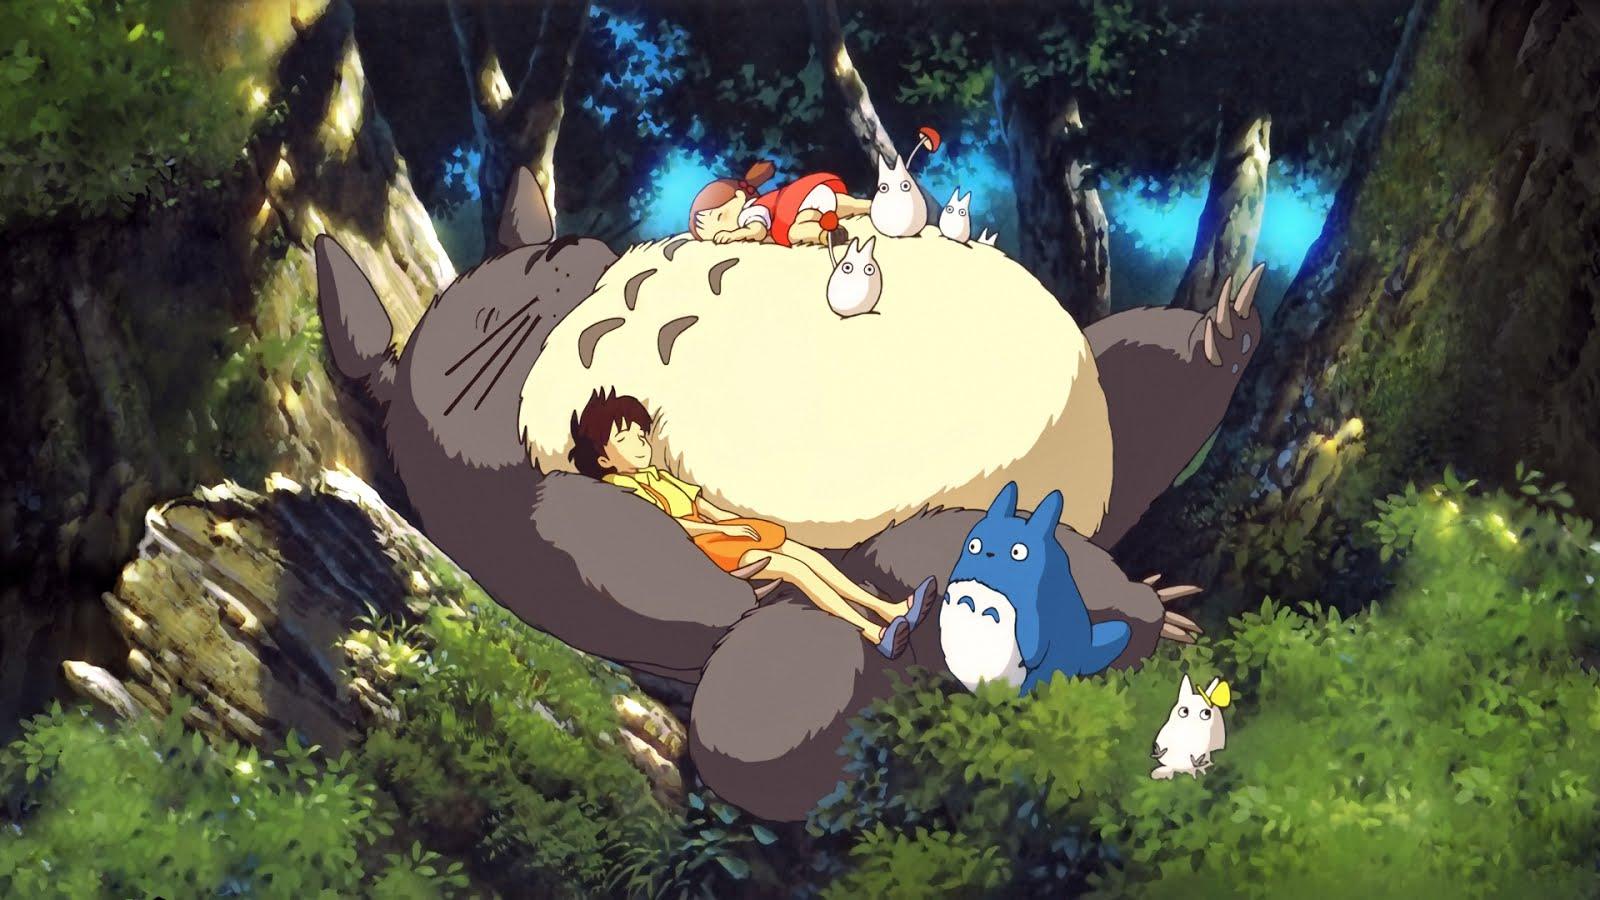 vicino totoro Đạo diễn Hayao Miyazaki kể lại sự thật đáng sợ về Totoro